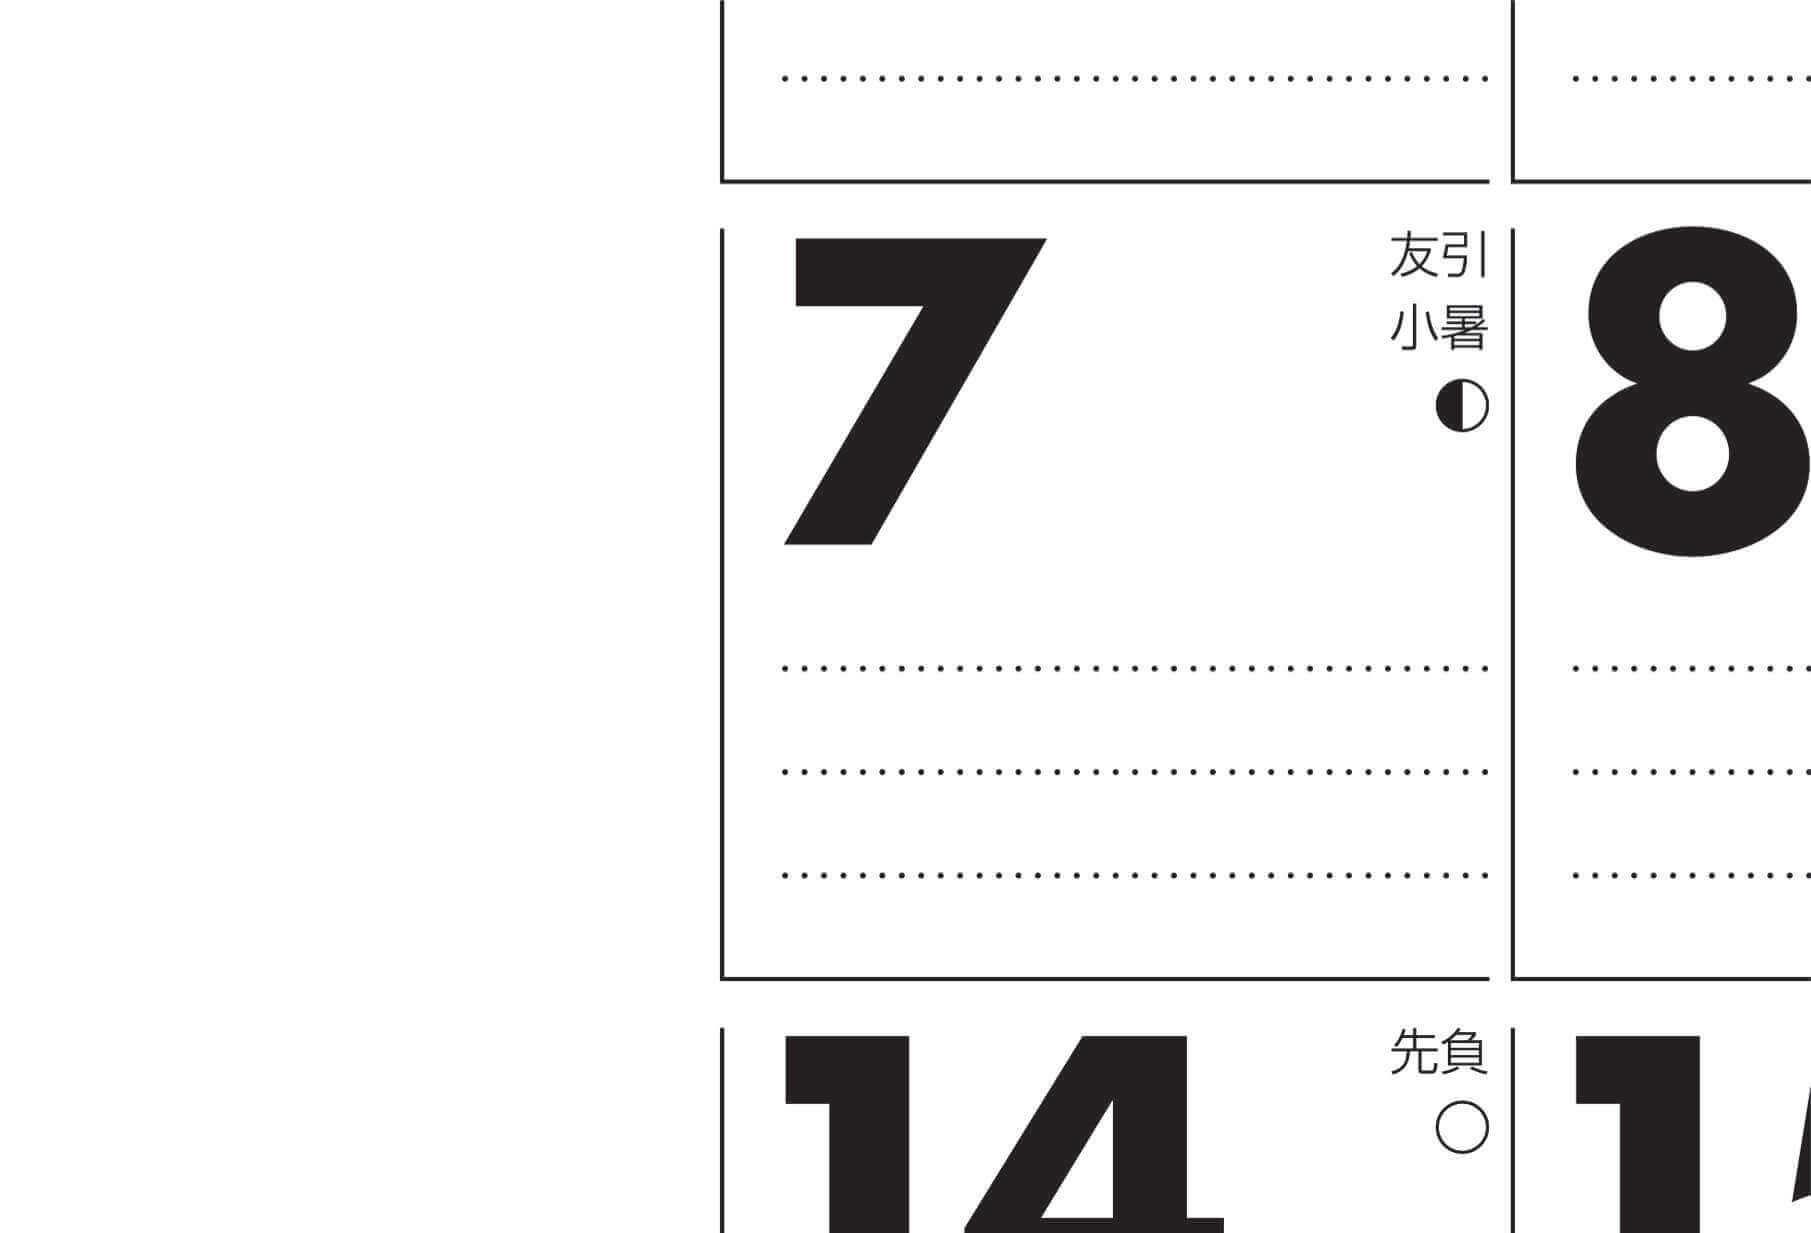 マンスリープラン 2022年カレンダーの画像